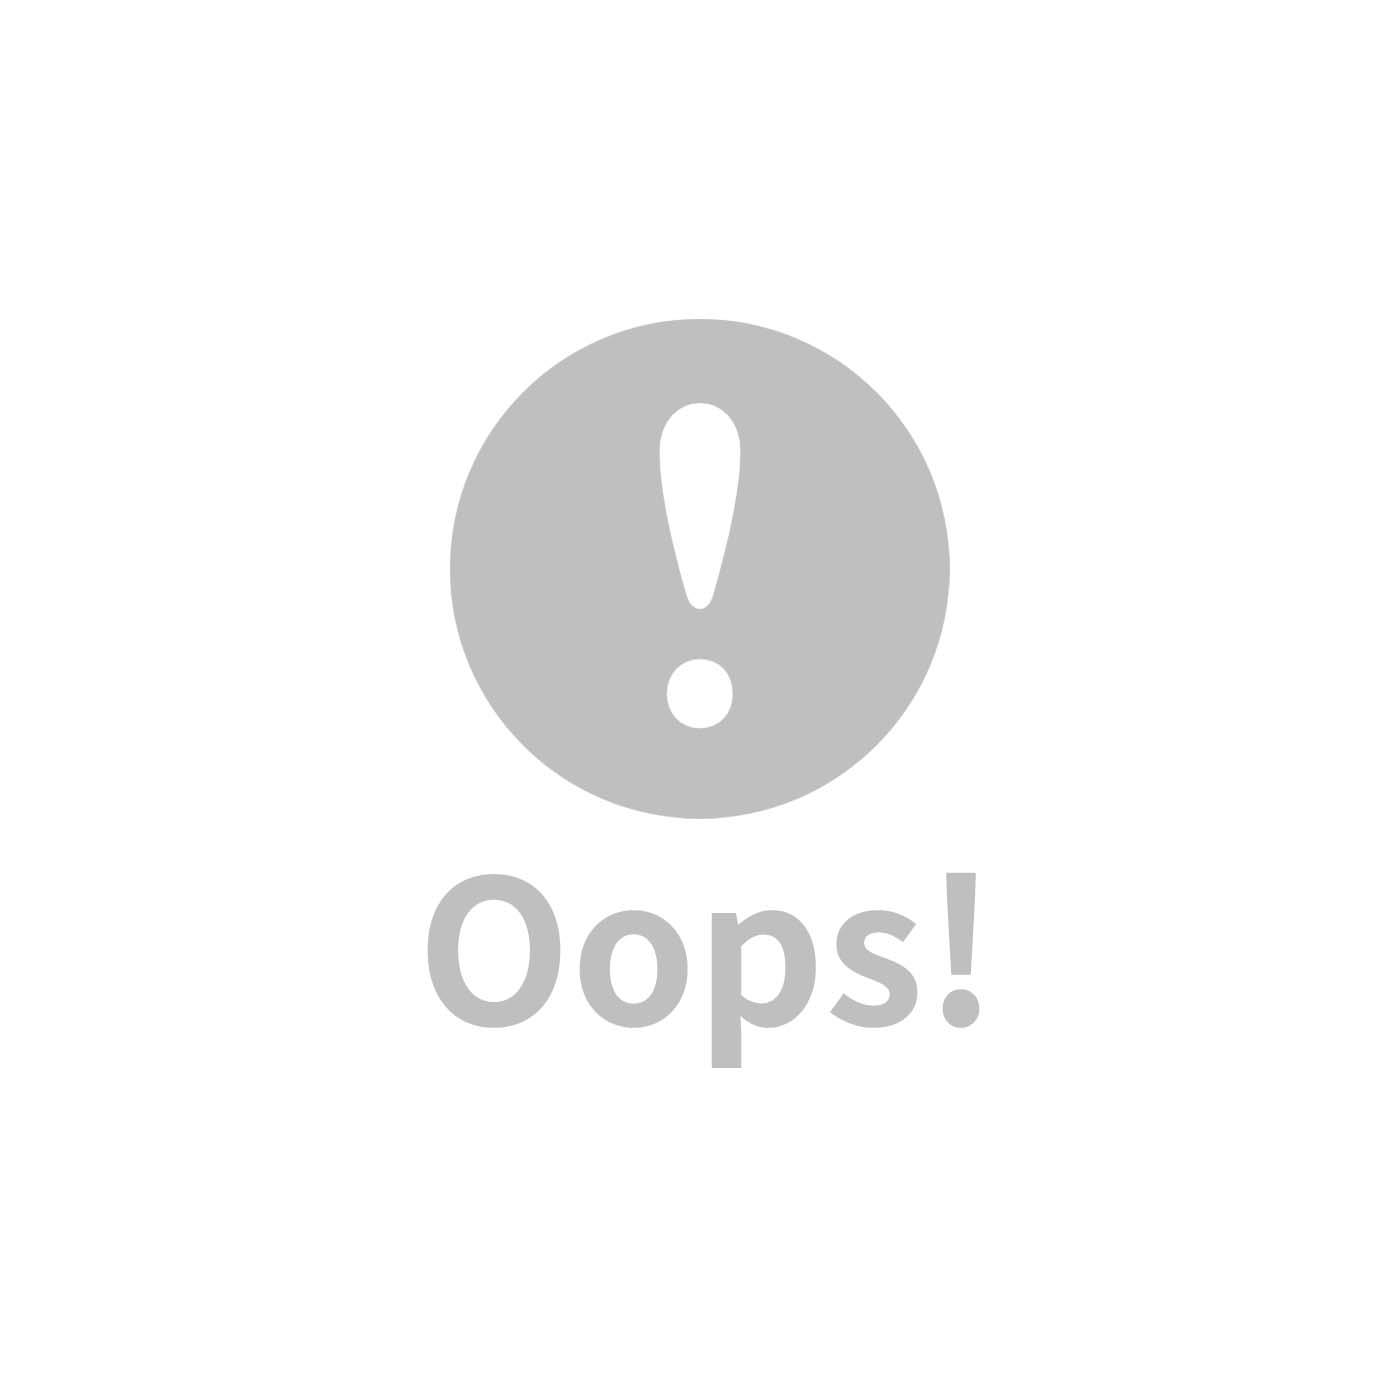 香蕉太太狂推-Soopsori全腦開發‧原粹木積木(26P磁性積木組)/可咬無毒玩具積木固齒器/益智玩具積木